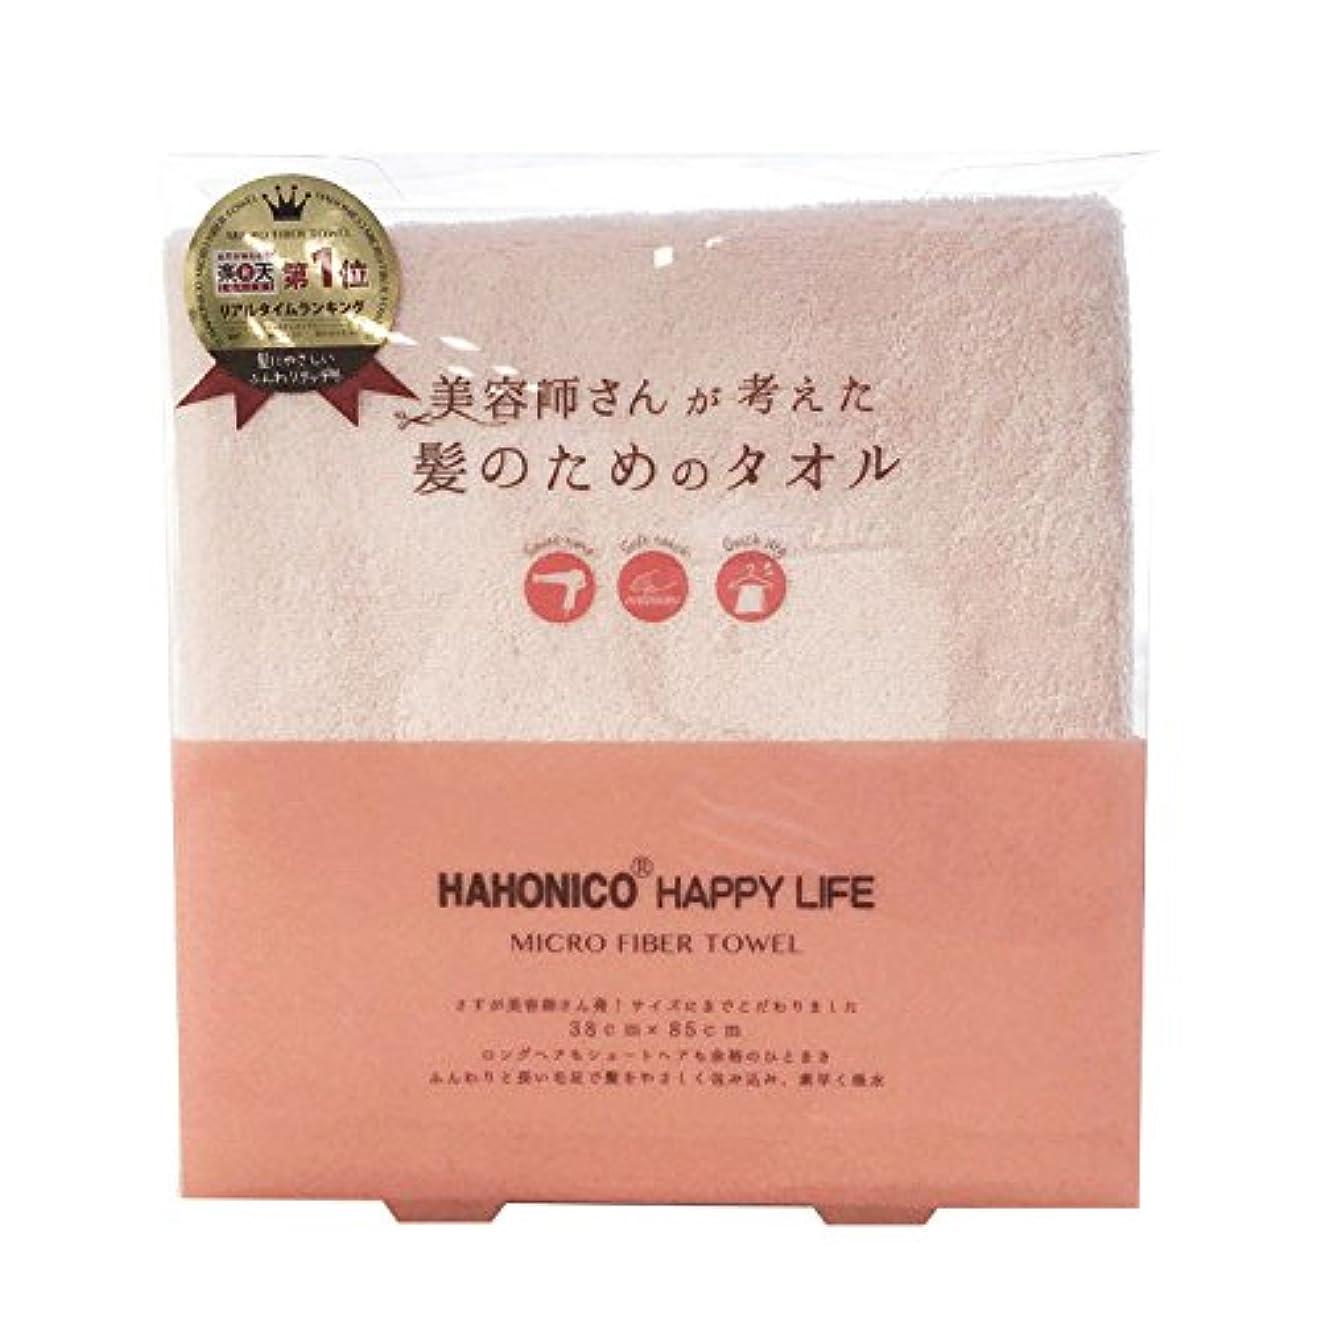 ブロンズトマト瞳ハホニコ ヘアドライマイクロファイバータオル ピンク